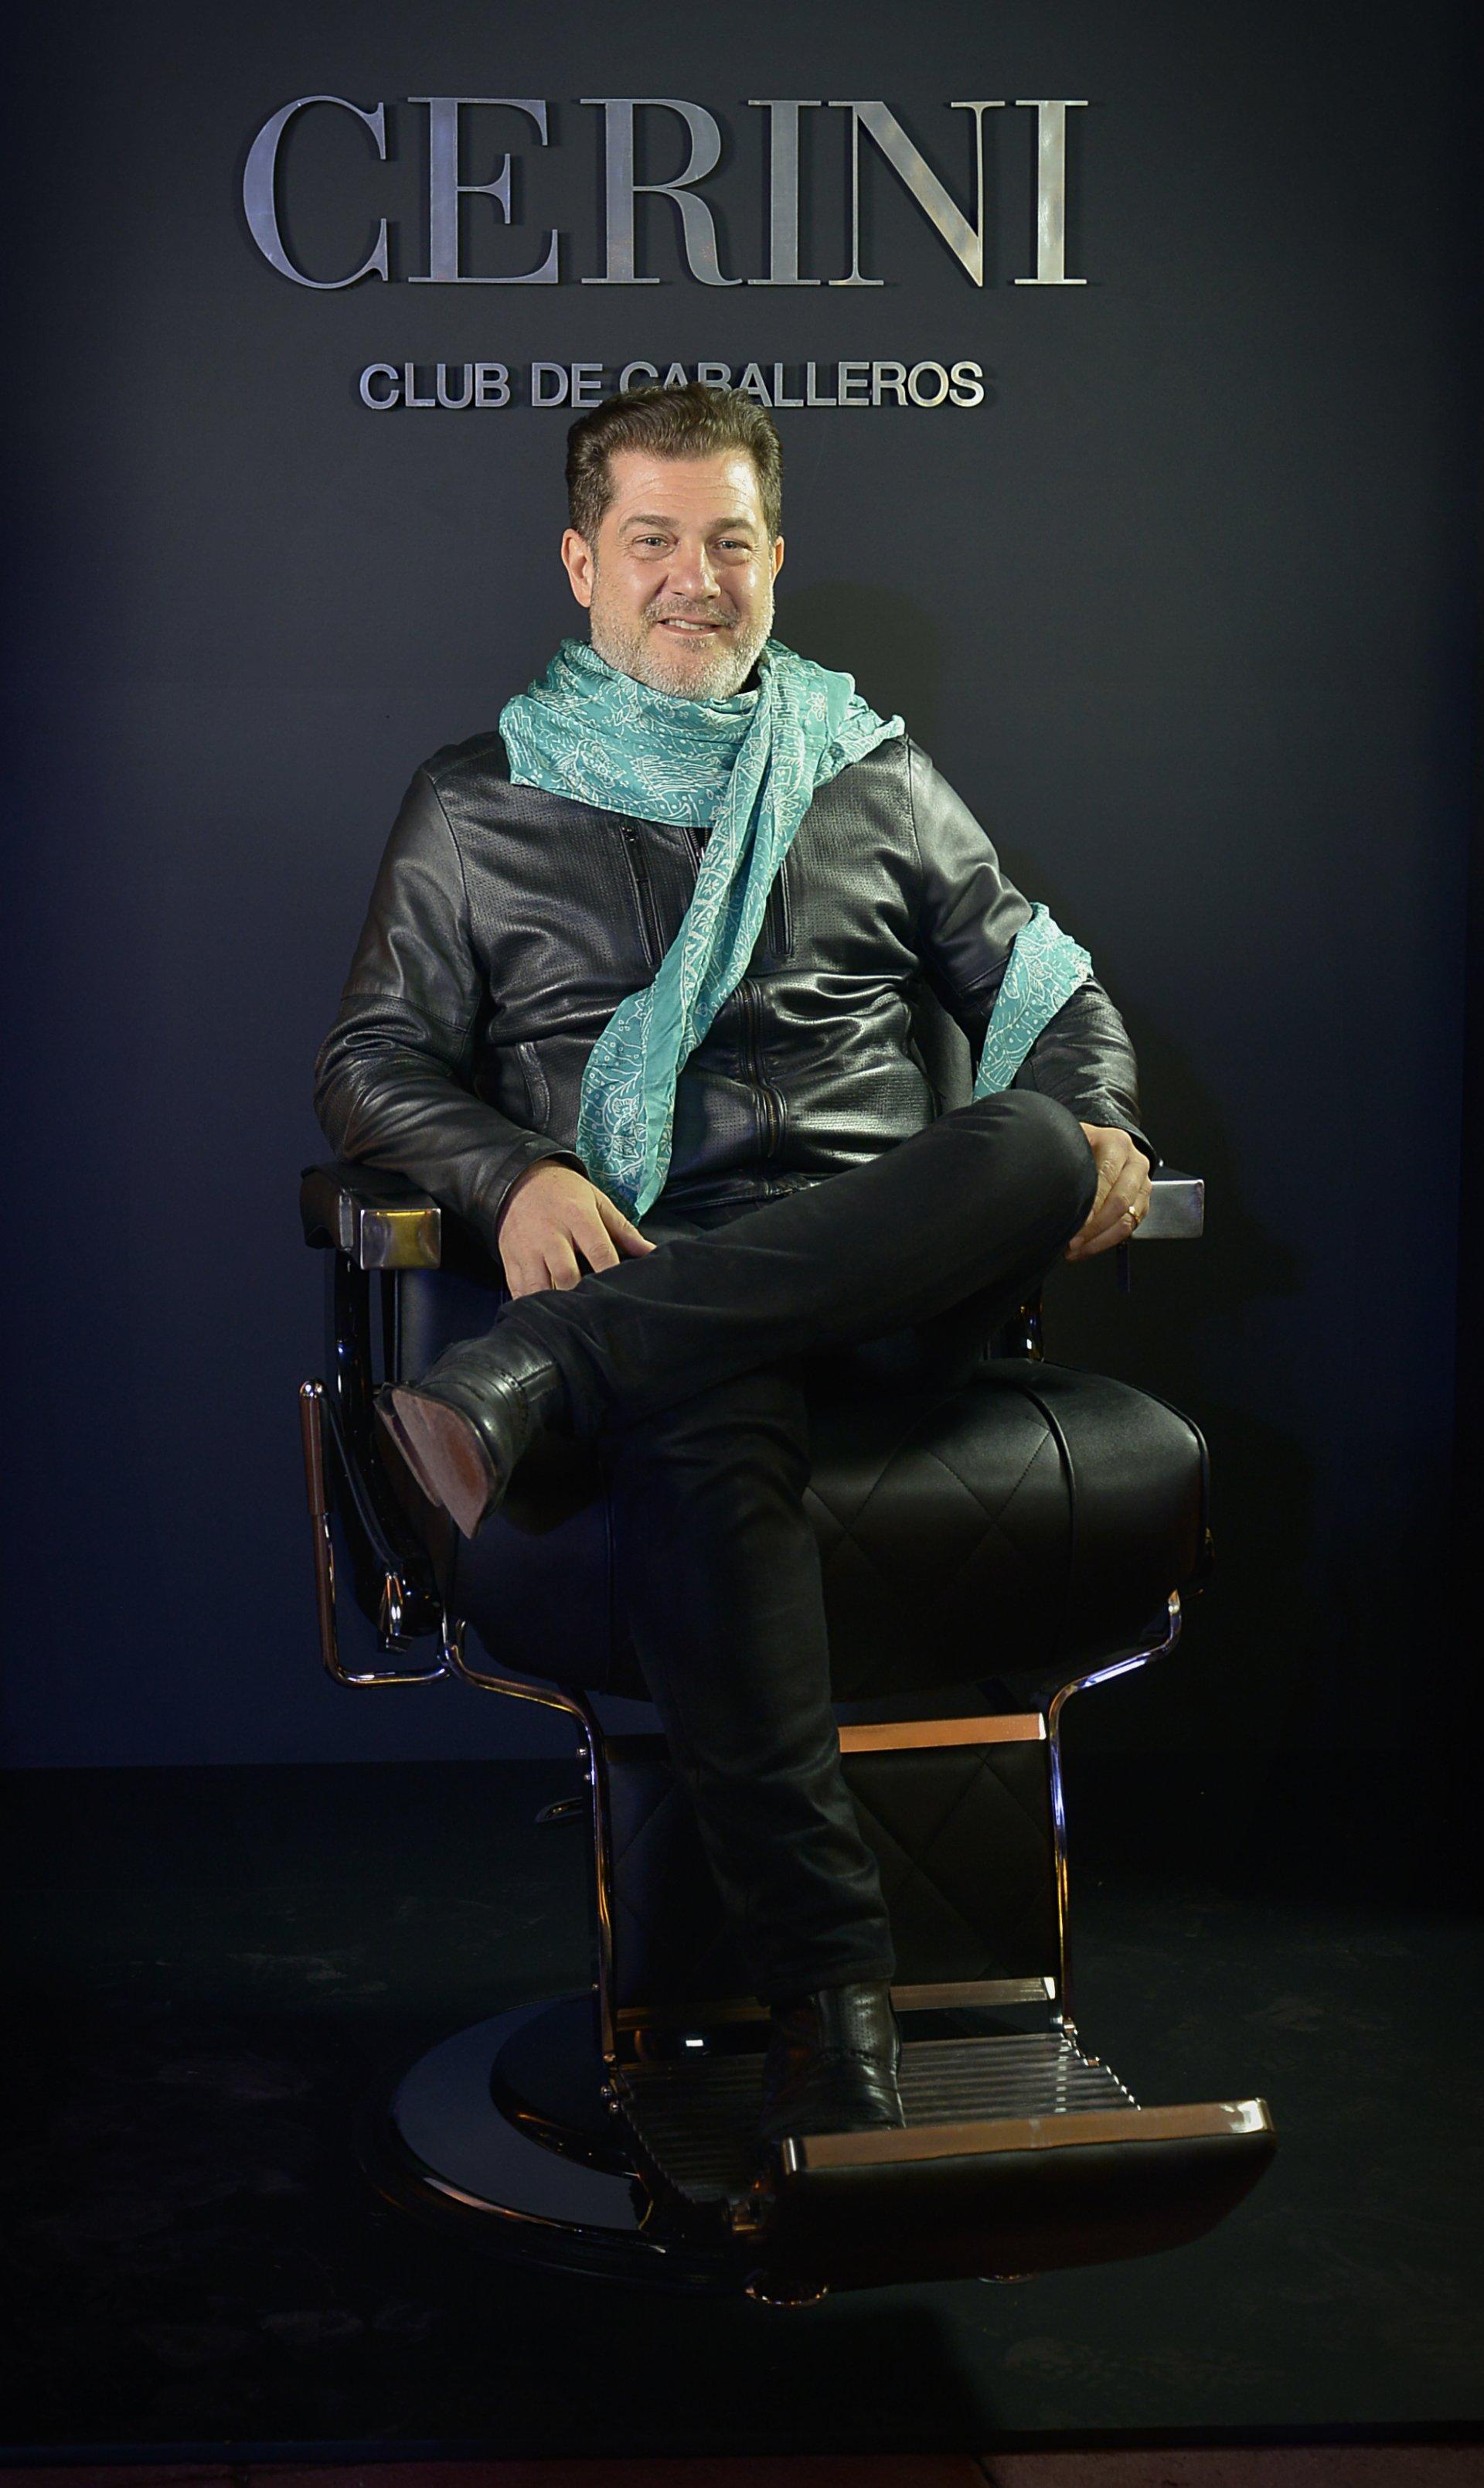 Lautaro Mauro